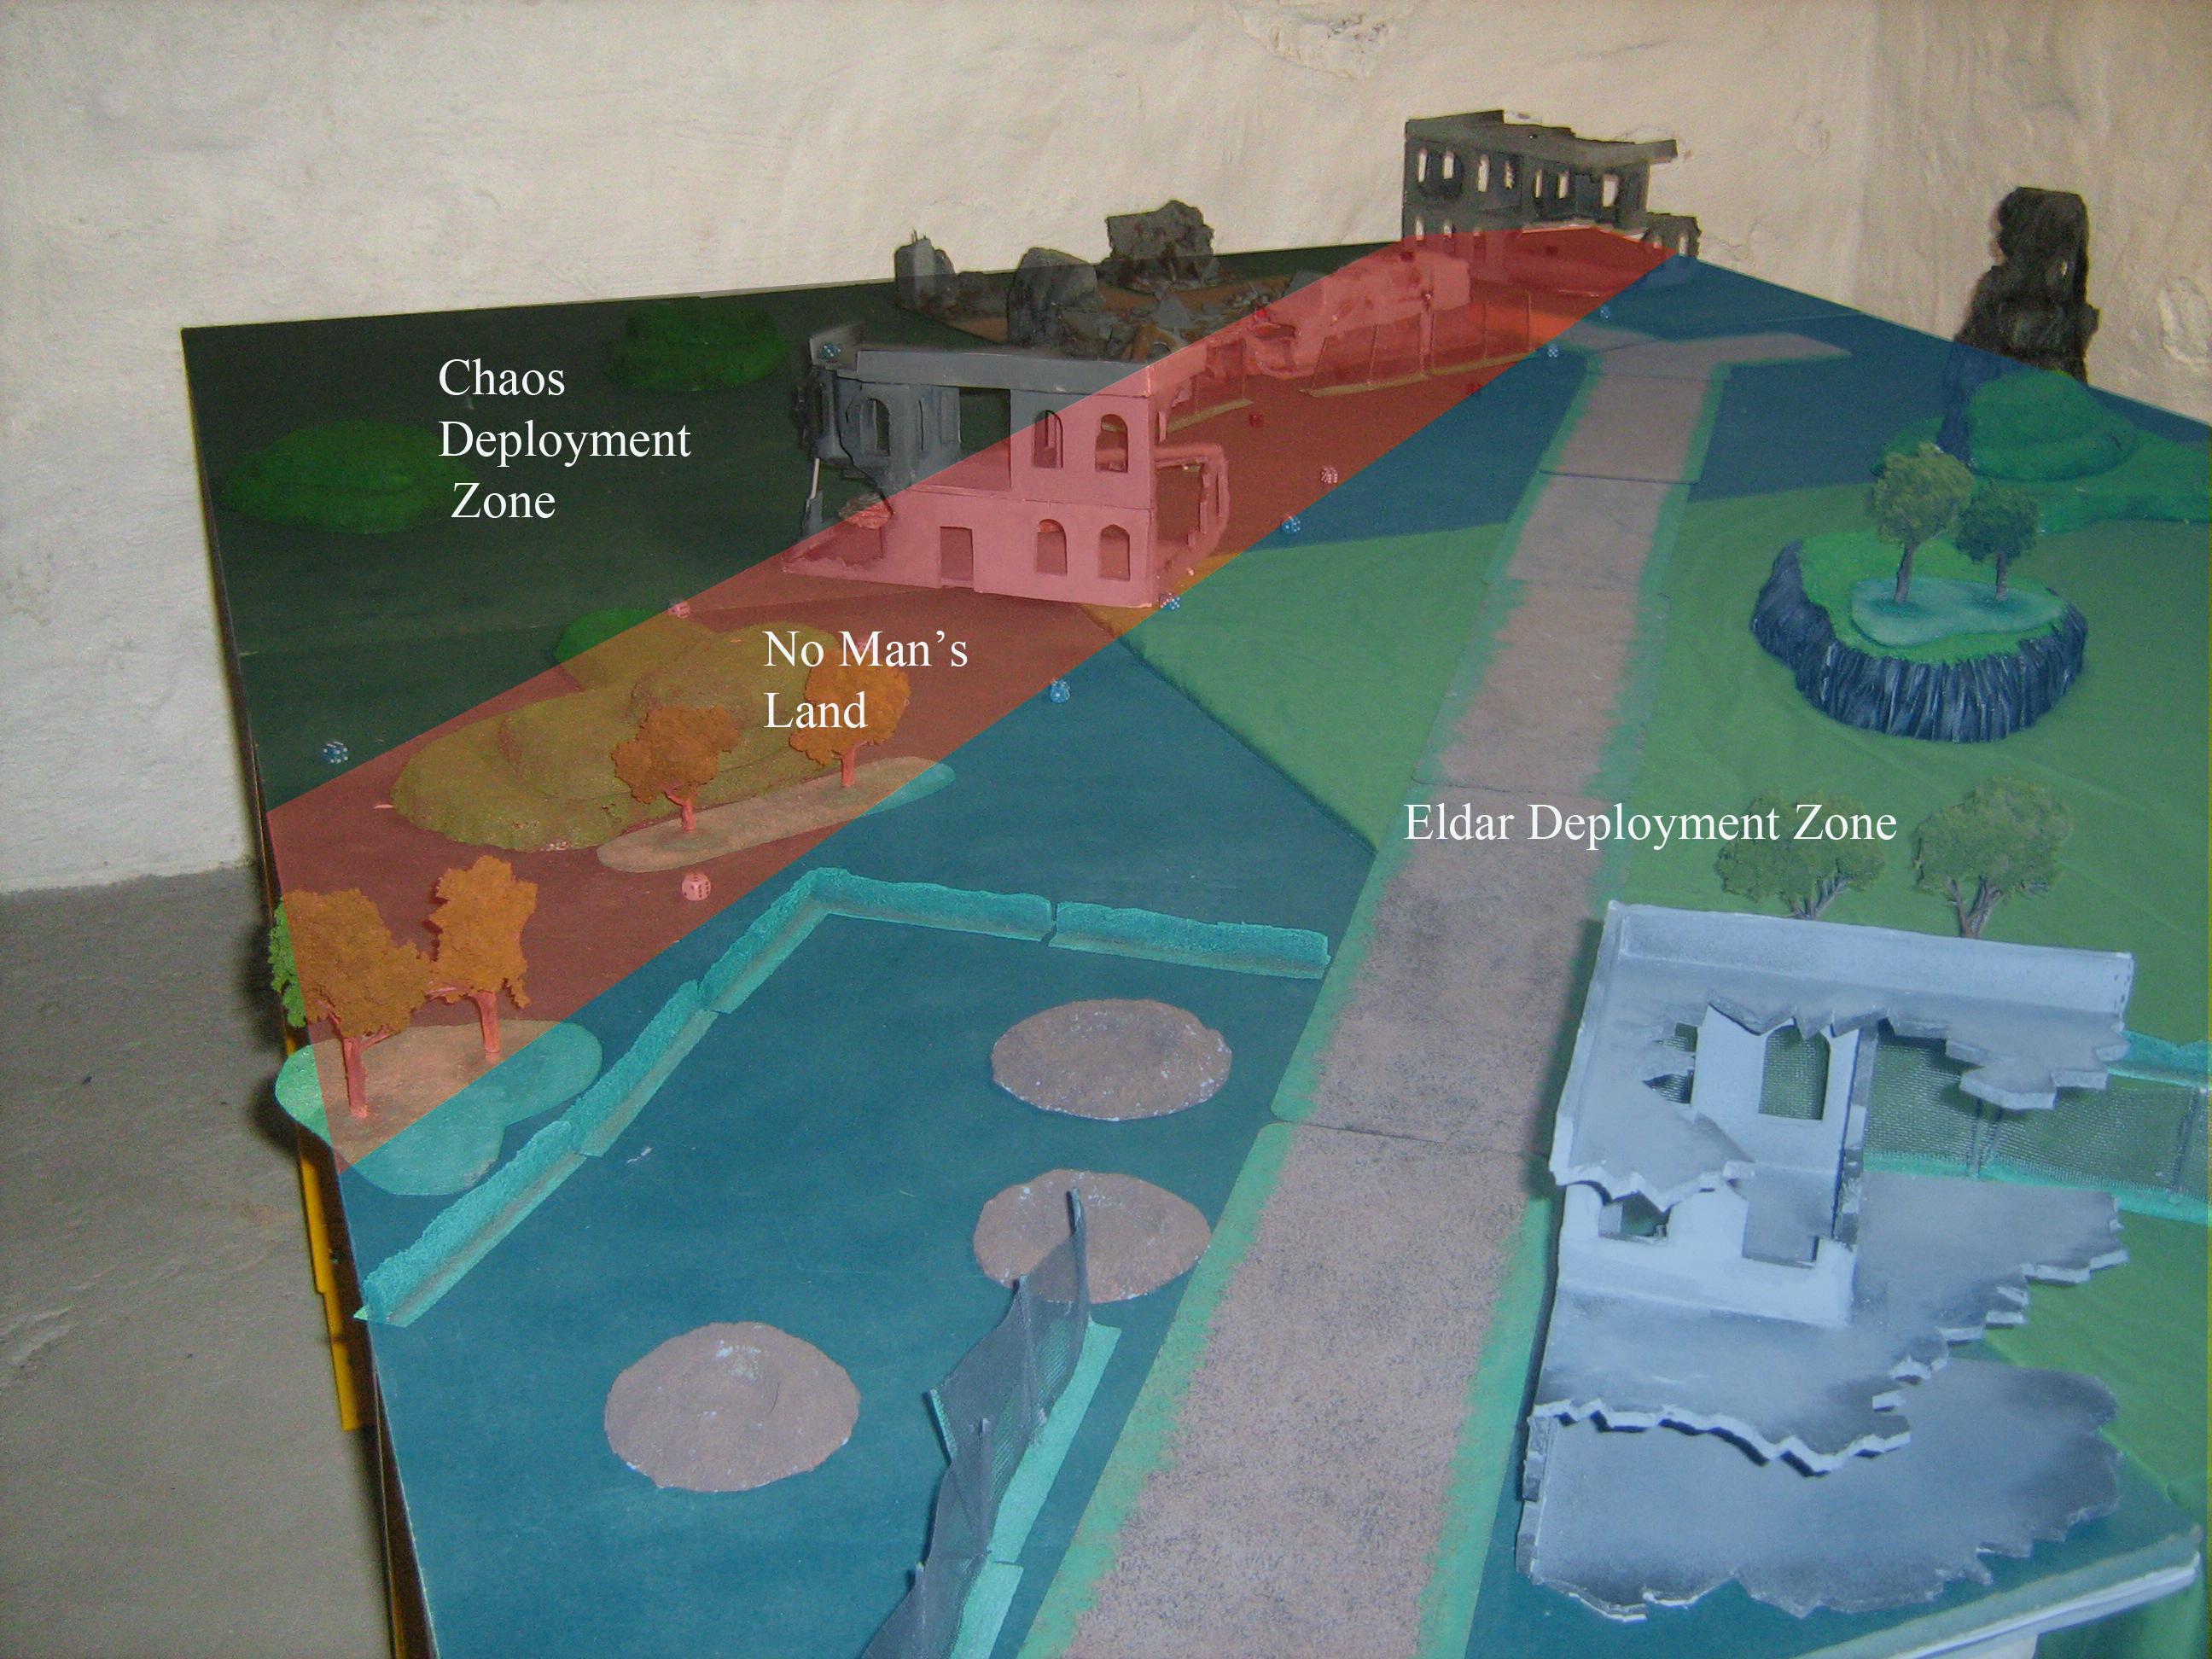 Deployment Zones